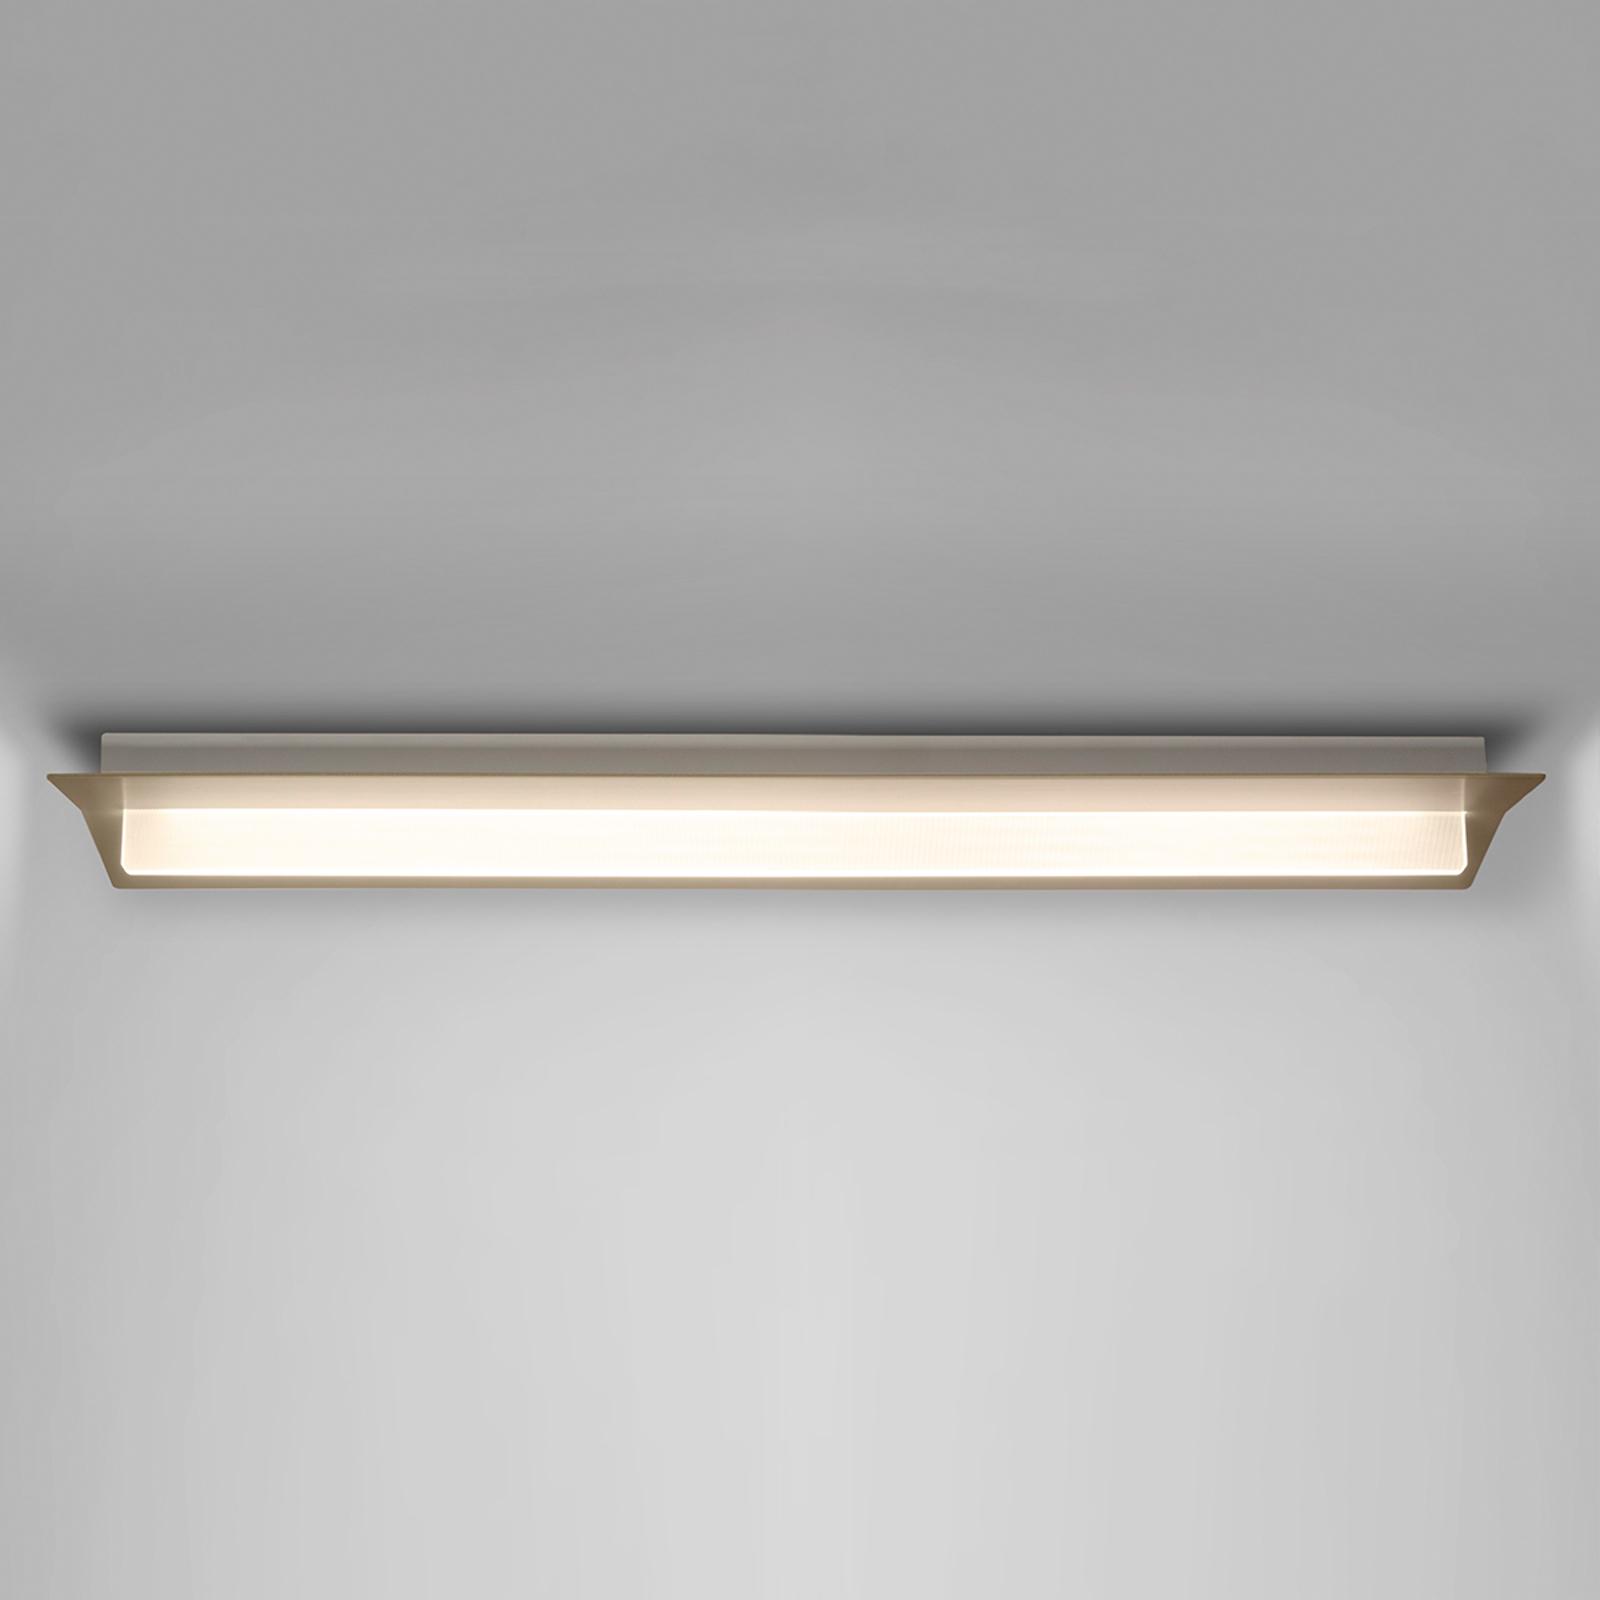 Lampa sufitowa LED Flurry, 100 cm, brąz